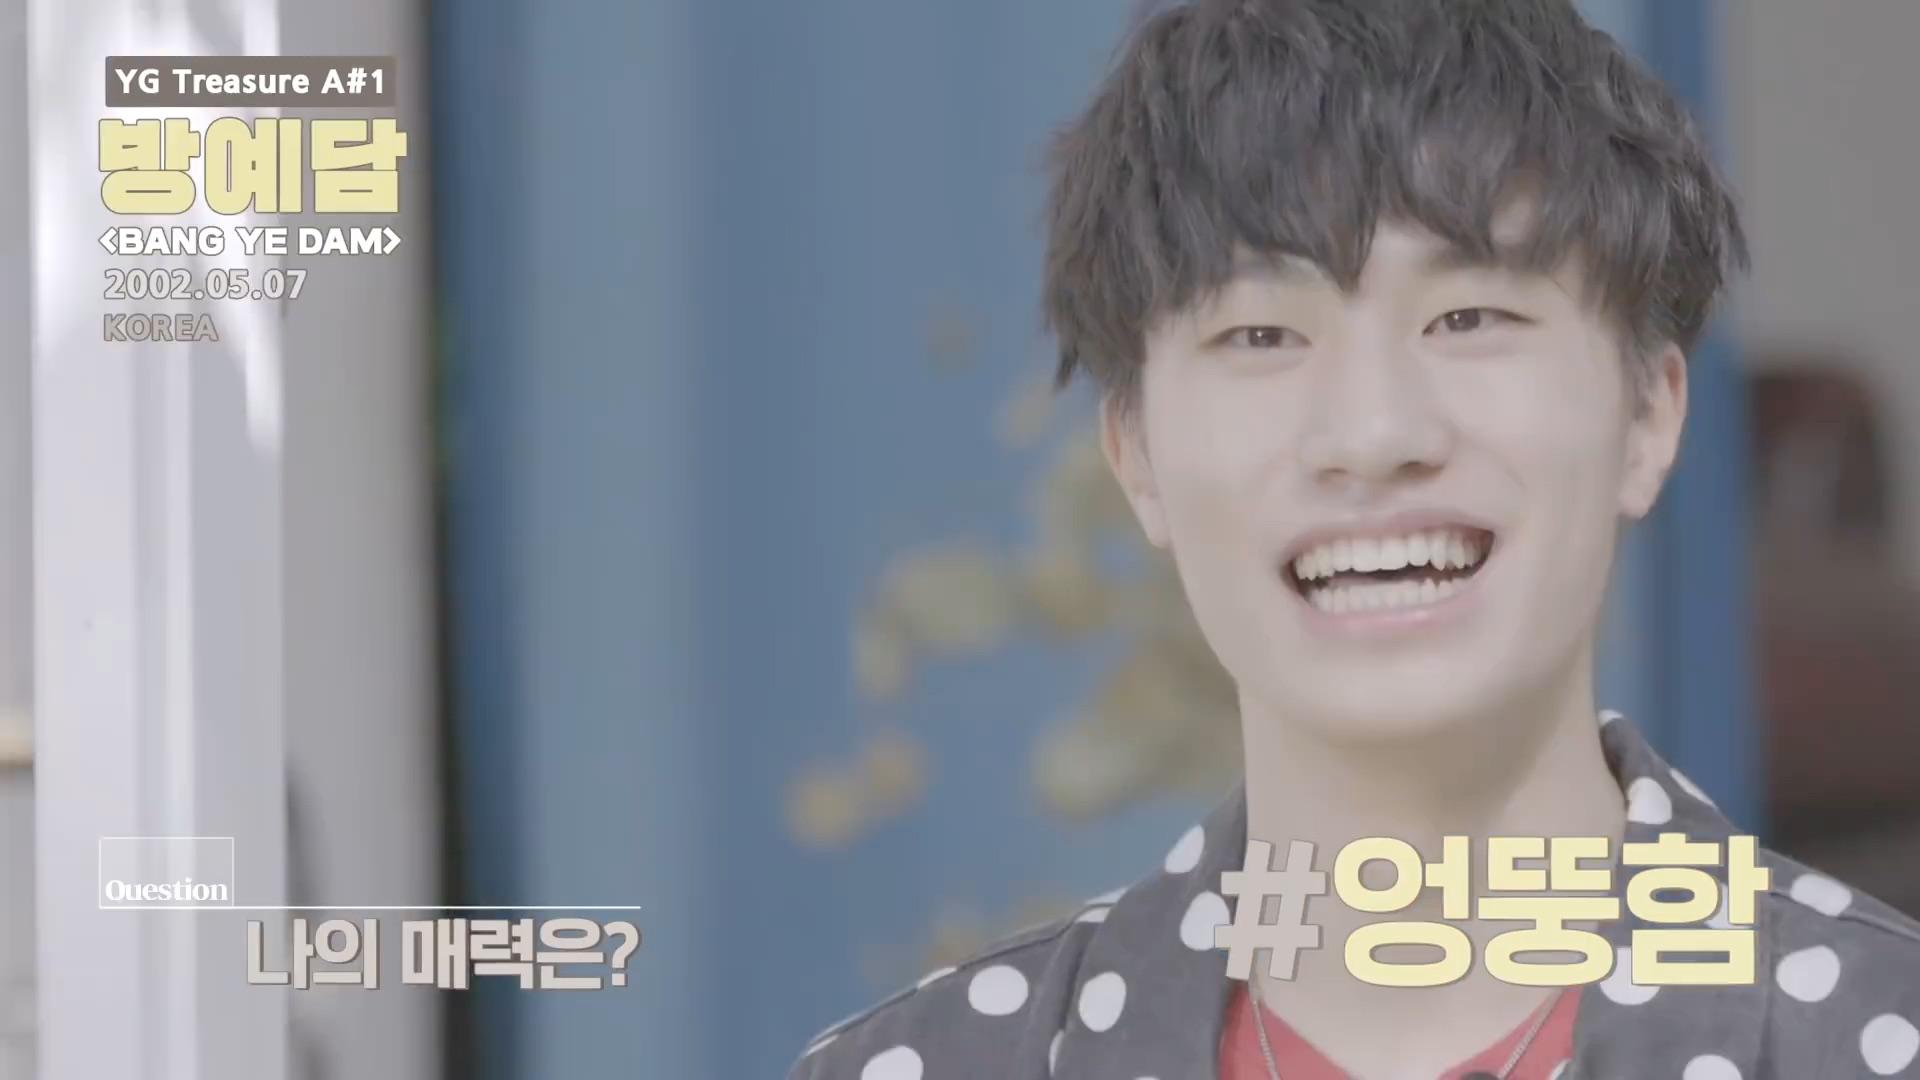 YG娛樂新推出的選秀節目《 YG寶石盒》,也在近日公開練習生名單,而其中就有房藝談!